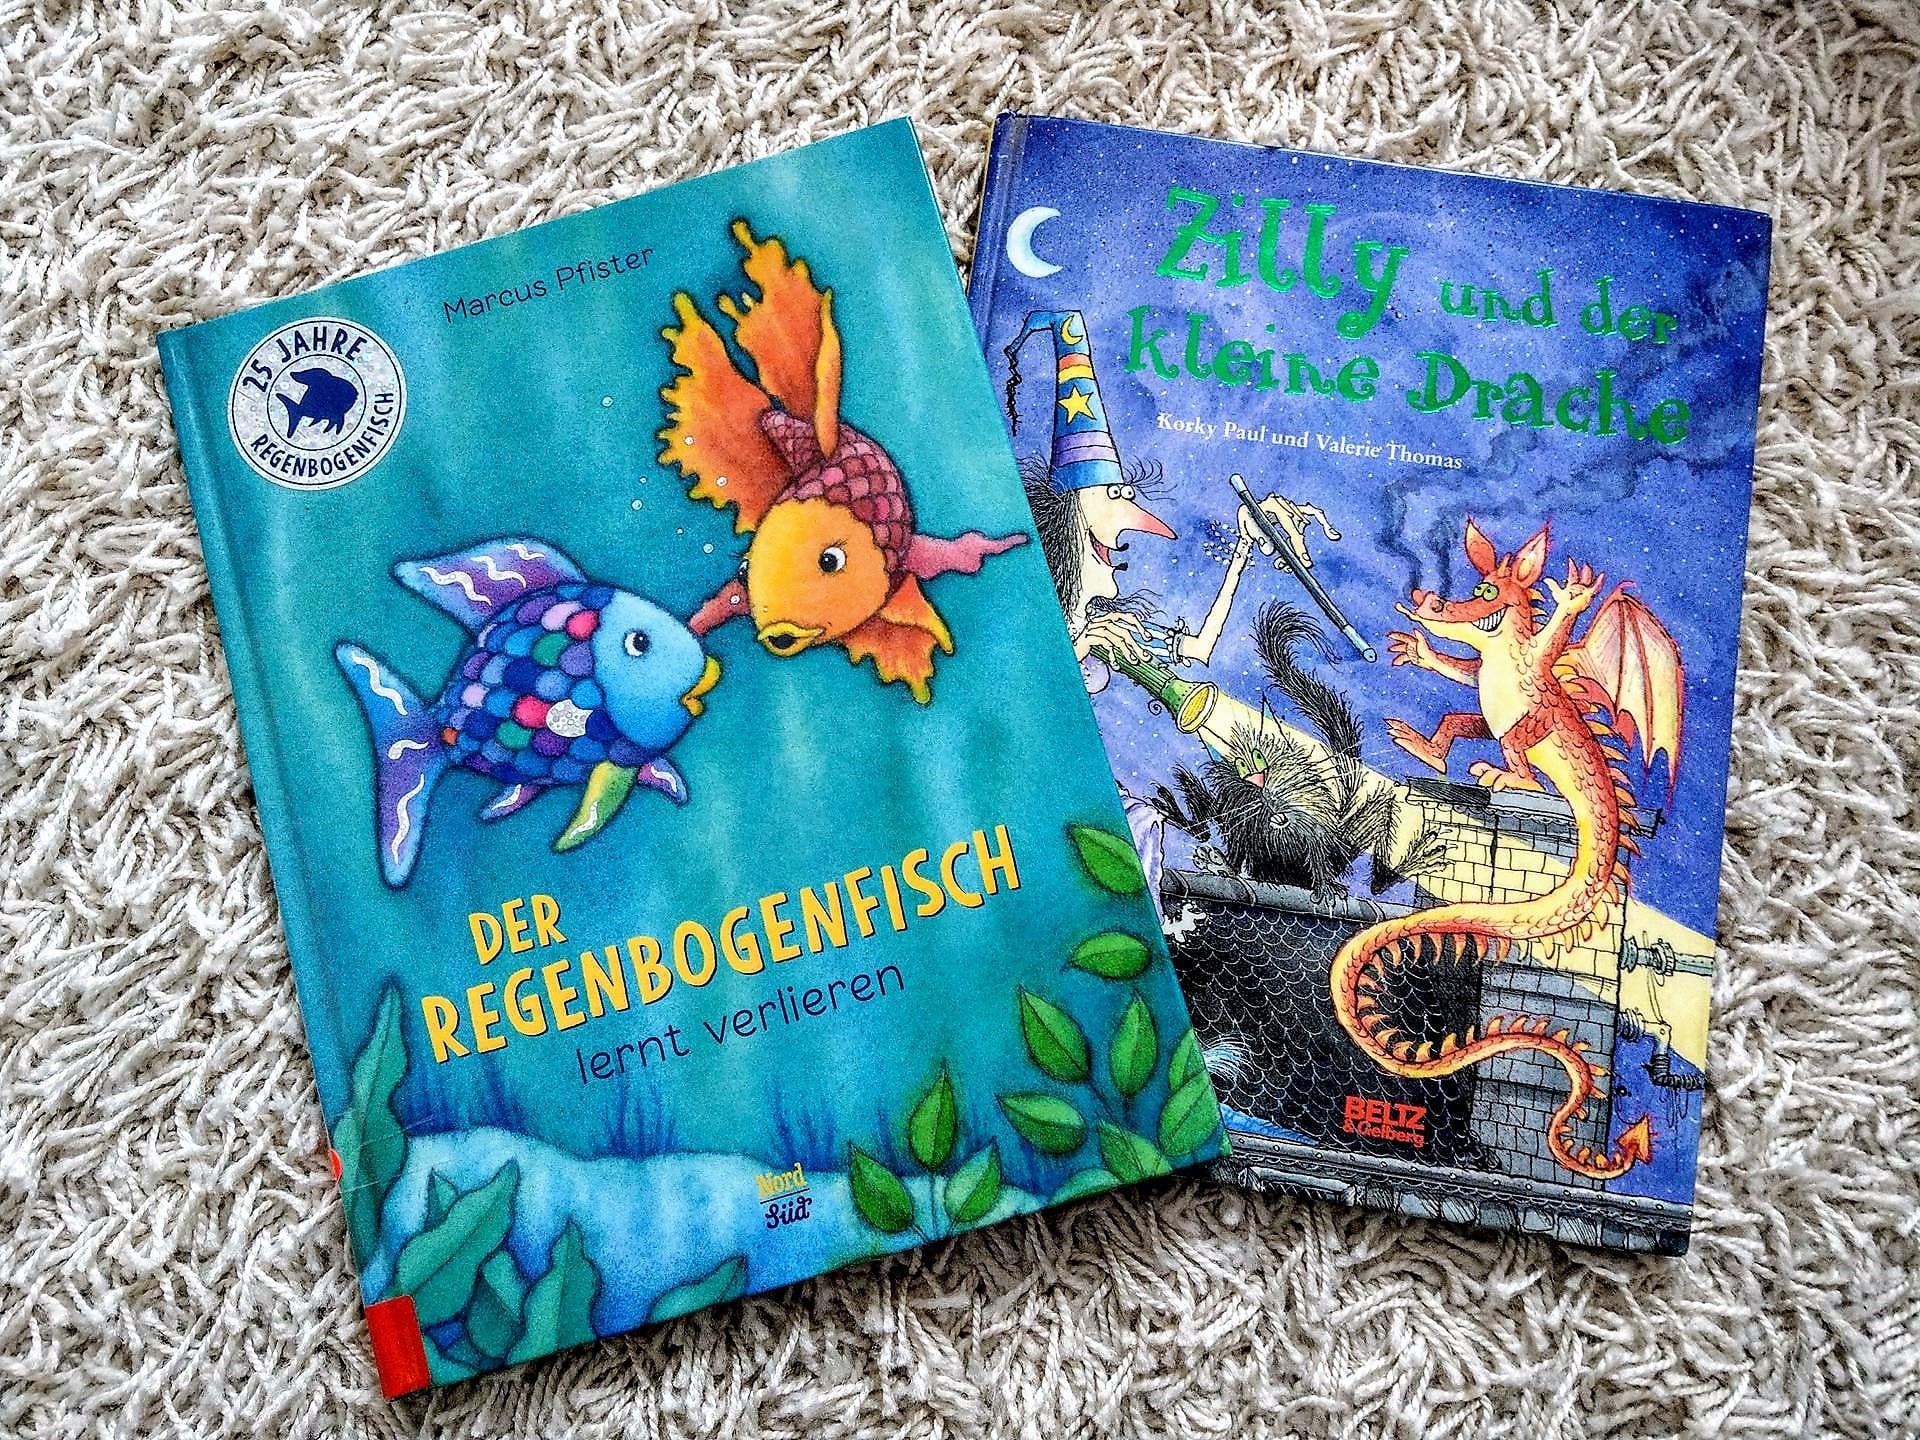 """Die Lieblingsbuecher der Freitagslieblinge am 23.3.18 sind die Kinderbuecher """"Der Regenbogenfisch lernt verlieren"""" und """"Zilly und der kleine Drache"""""""